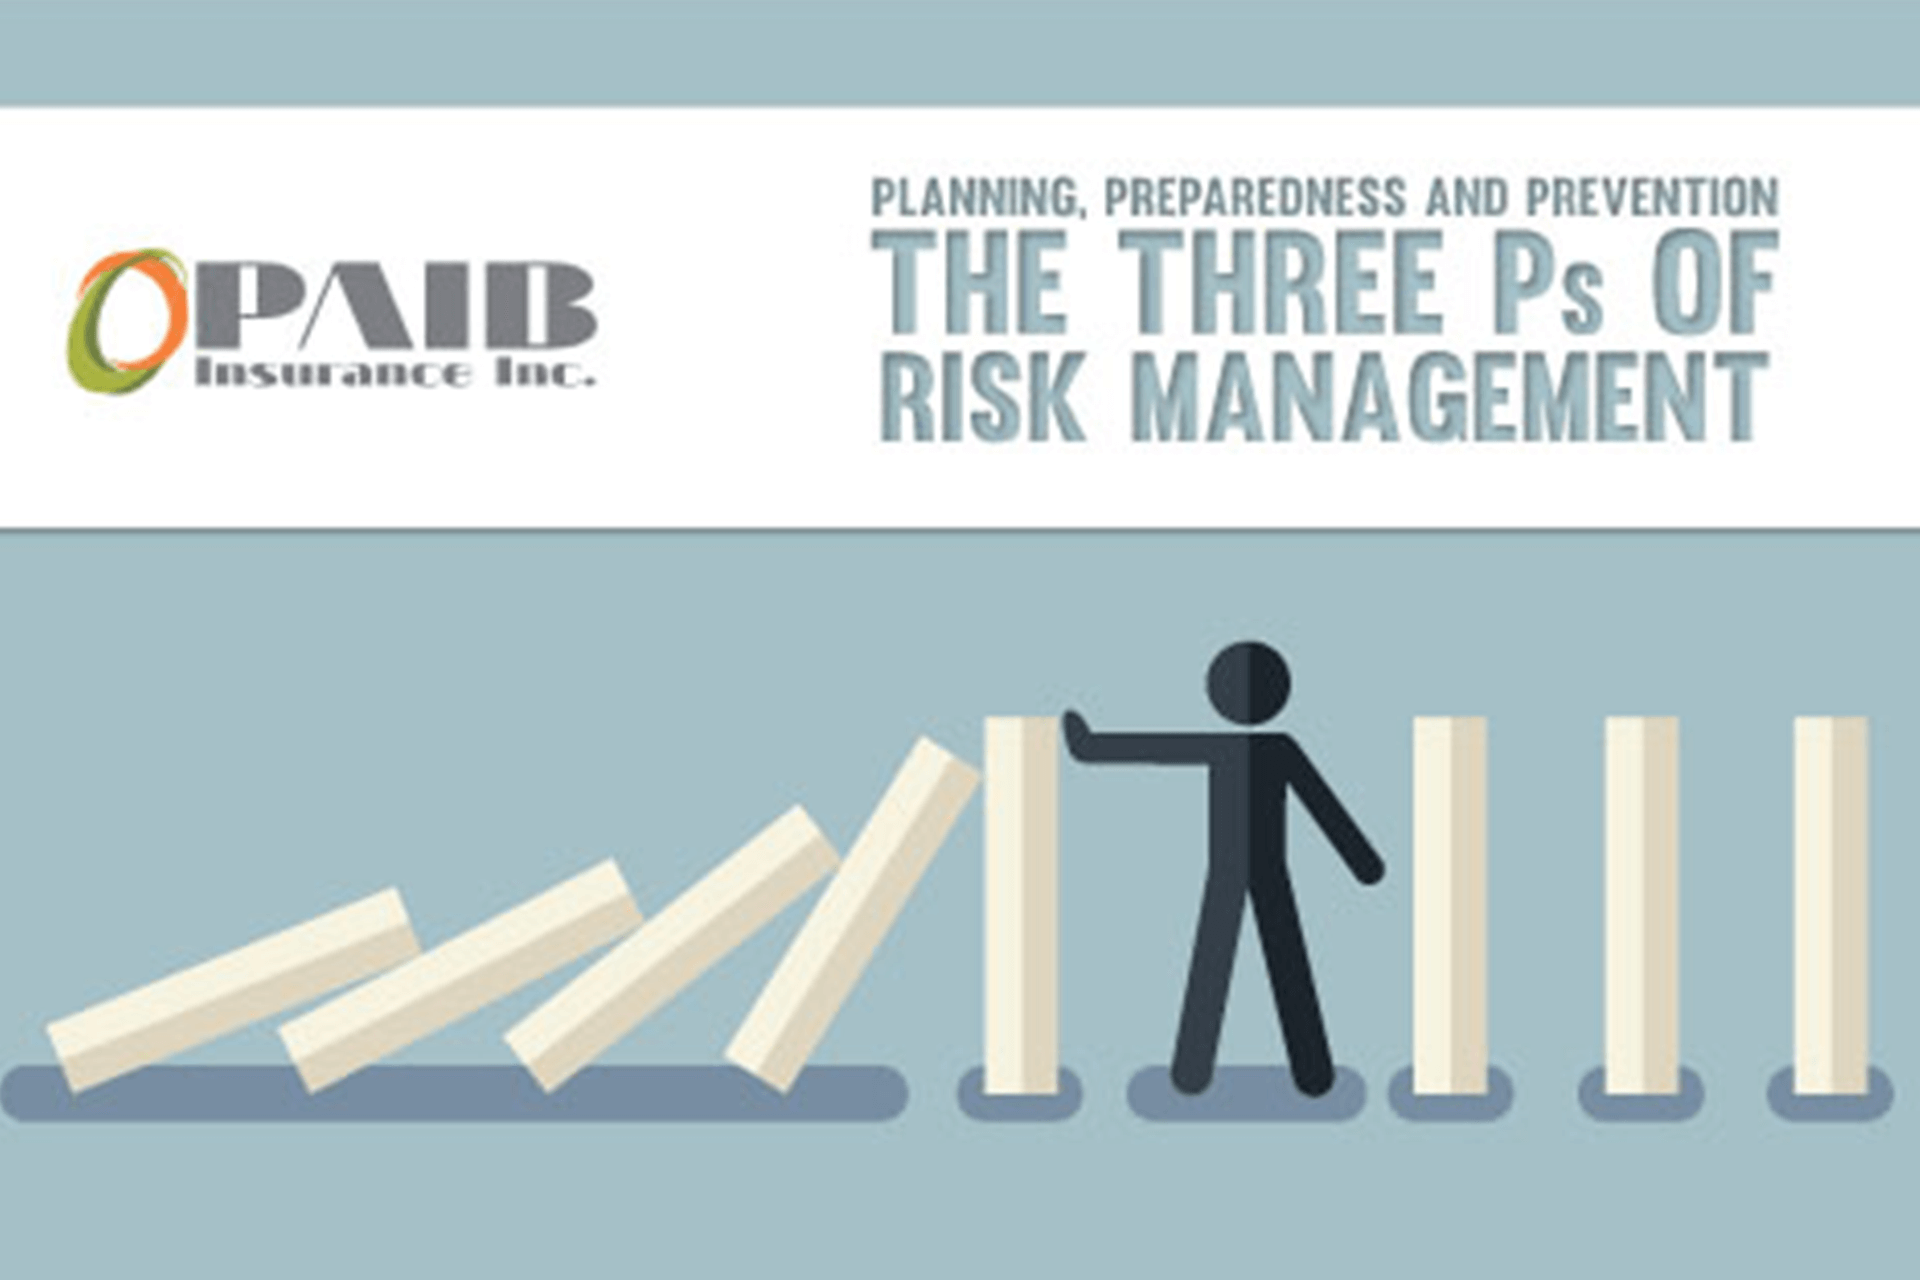 Risk Management - PAIB Insurance